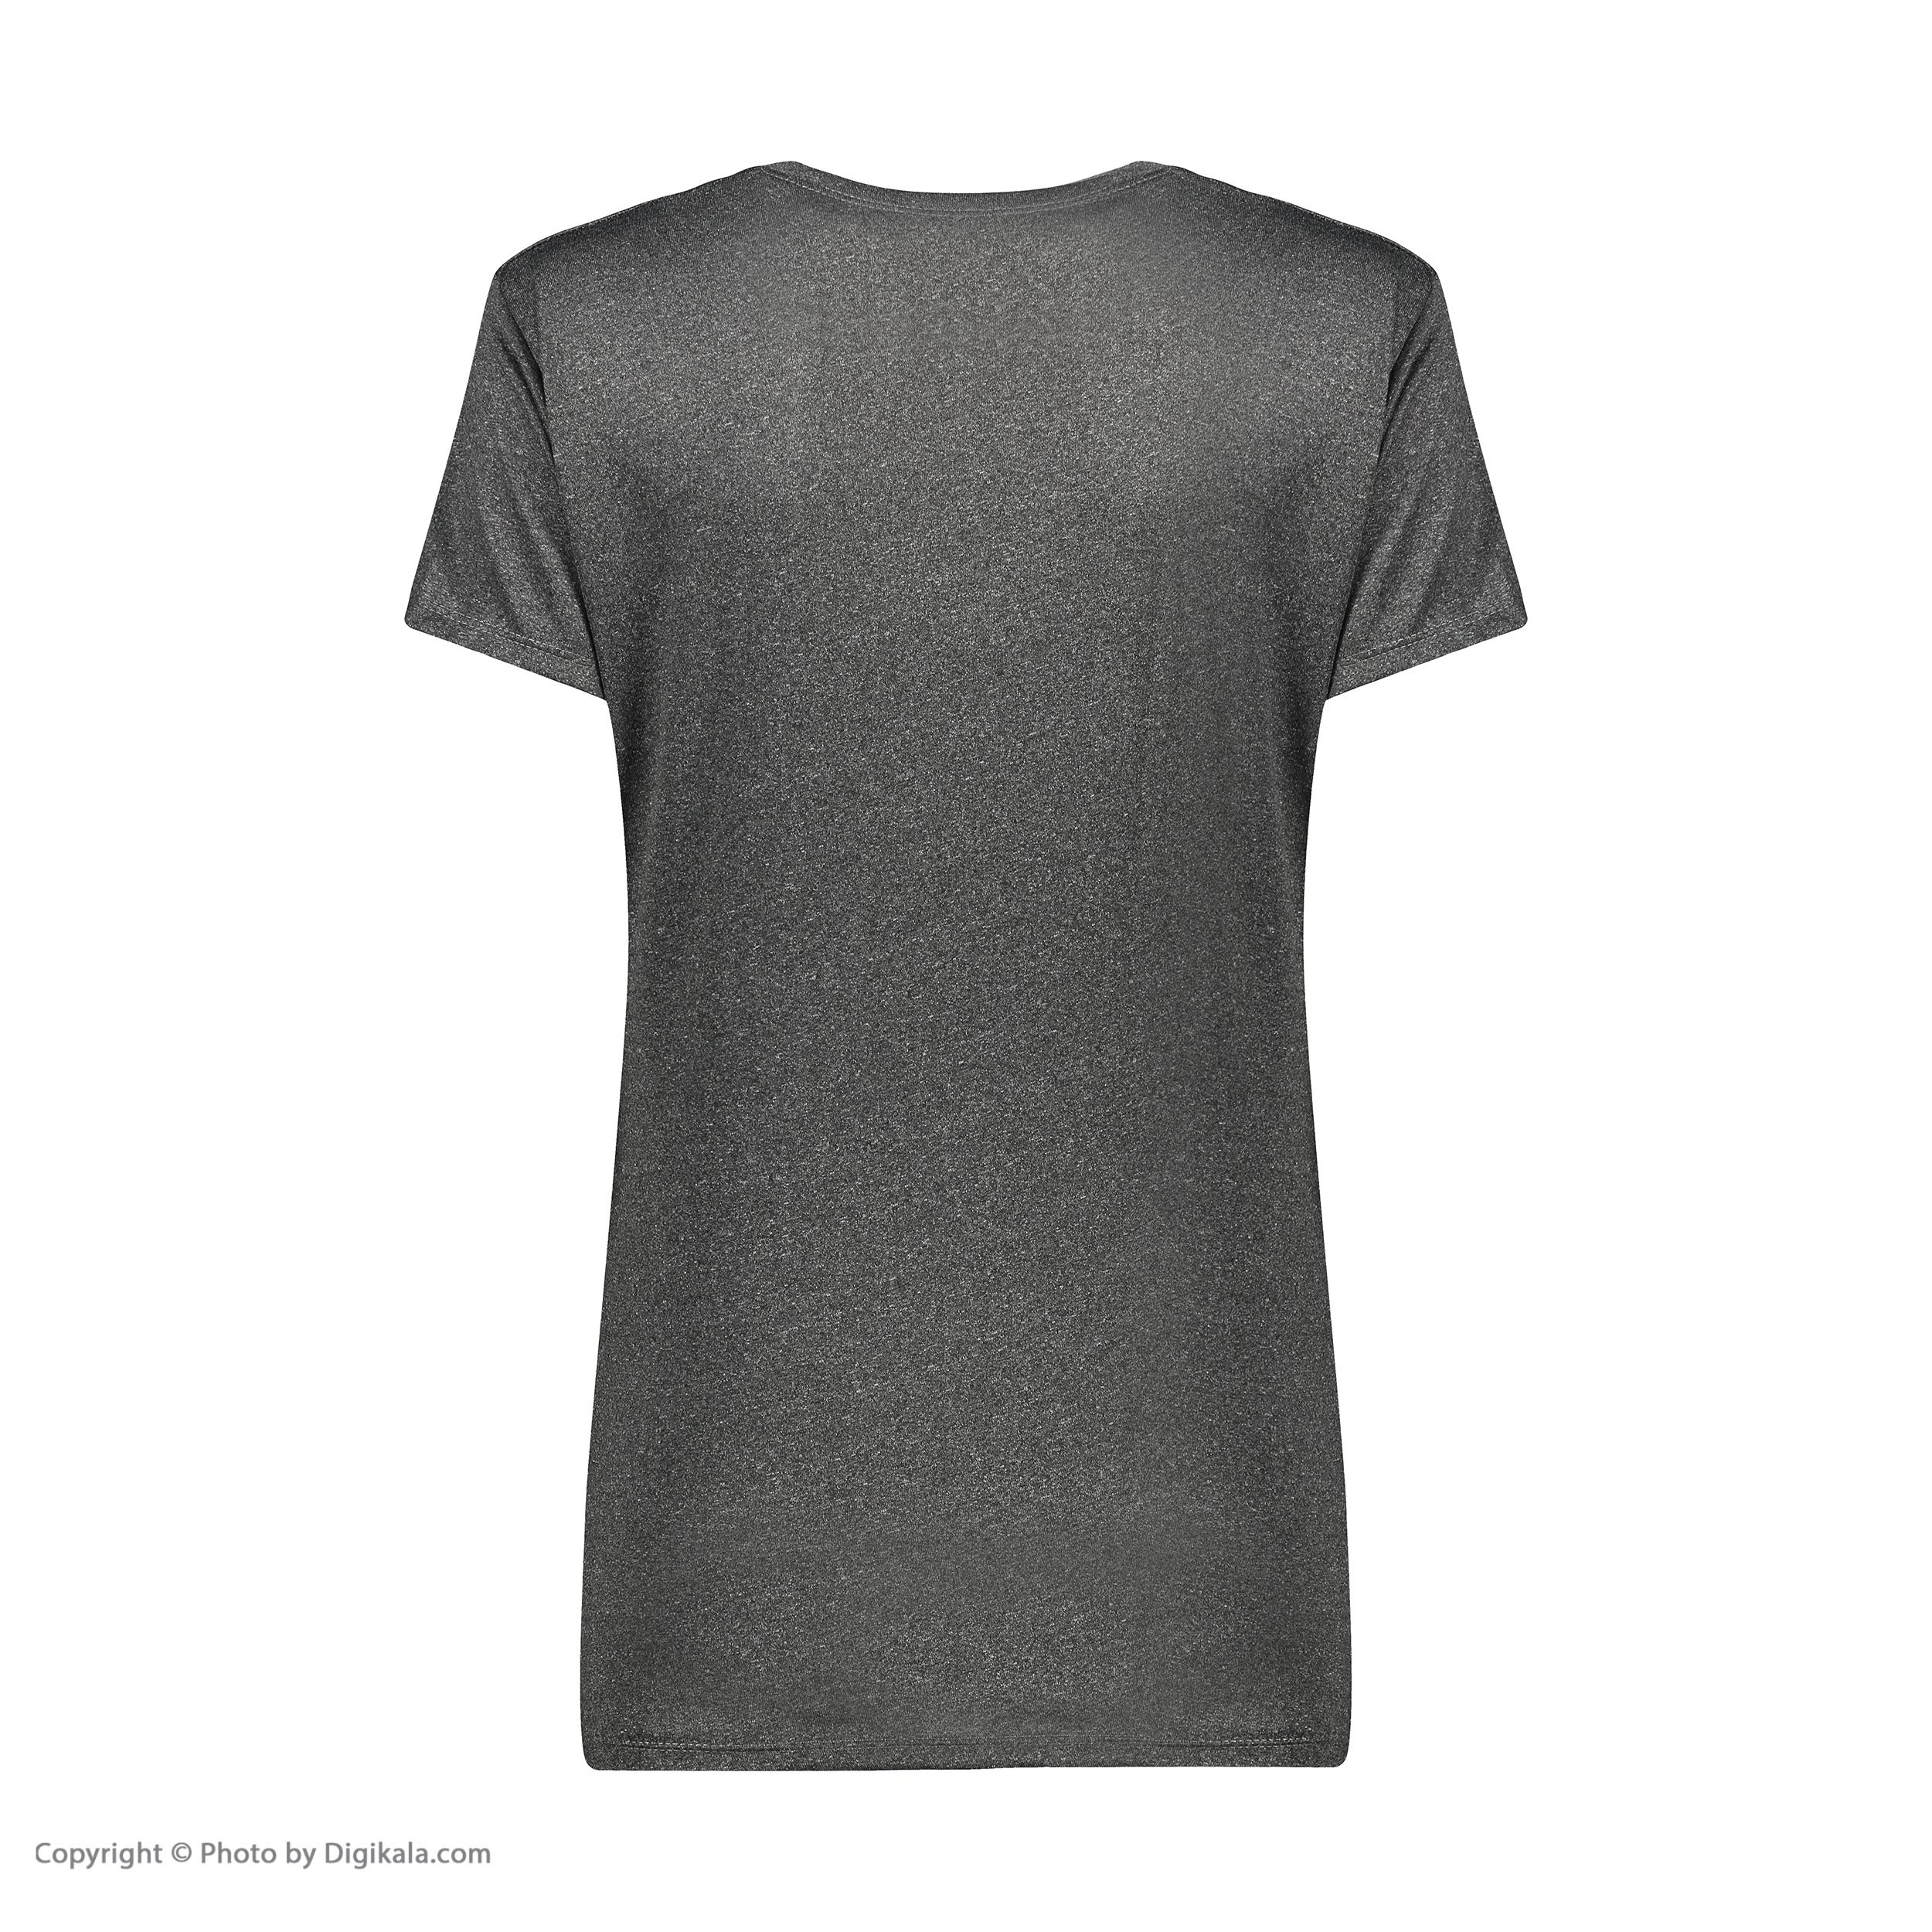 تی شرت آستین کوتاه زنانه مدل Q7                     غیر اصل